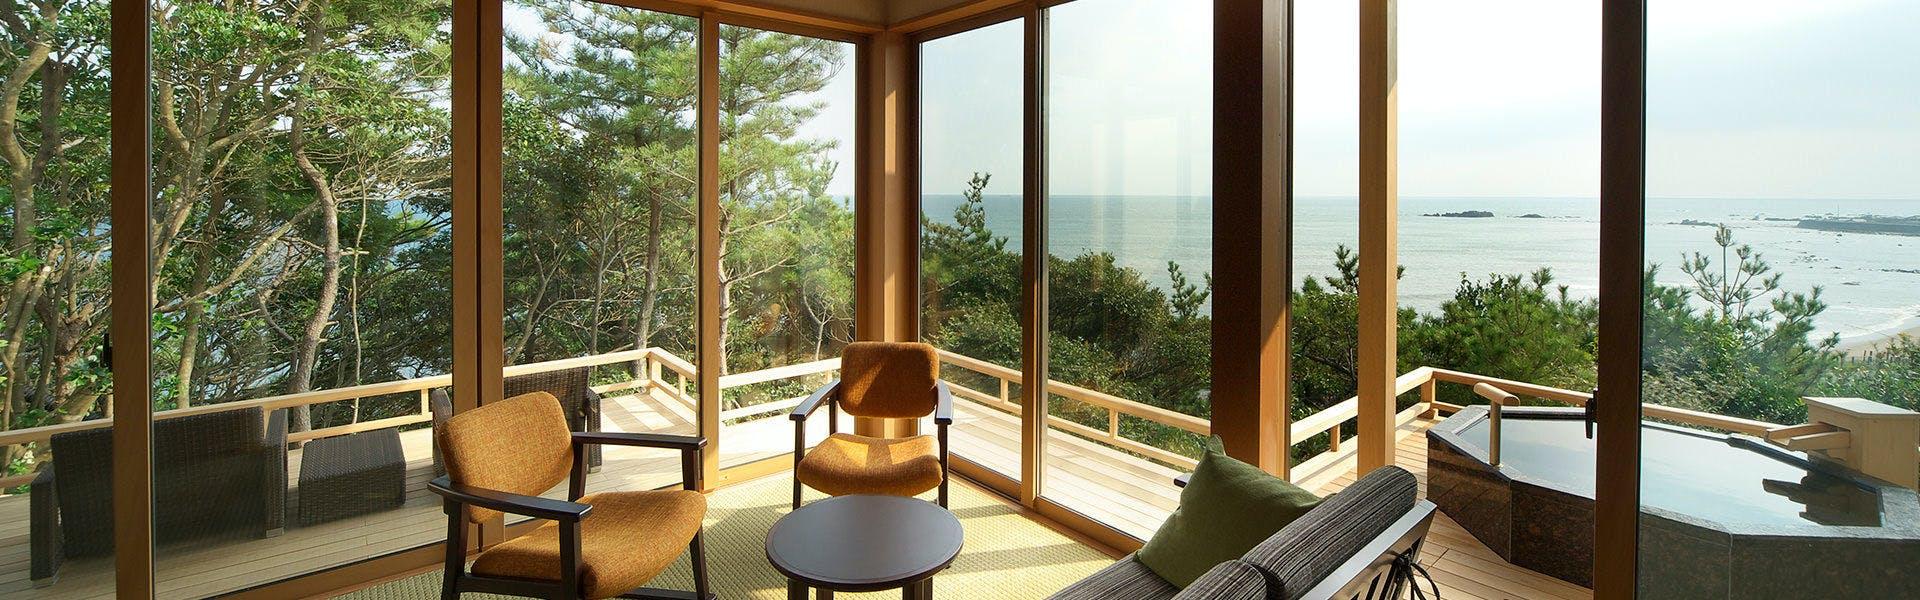 記念日におすすめのホテル・【別邸 海と森】の写真2